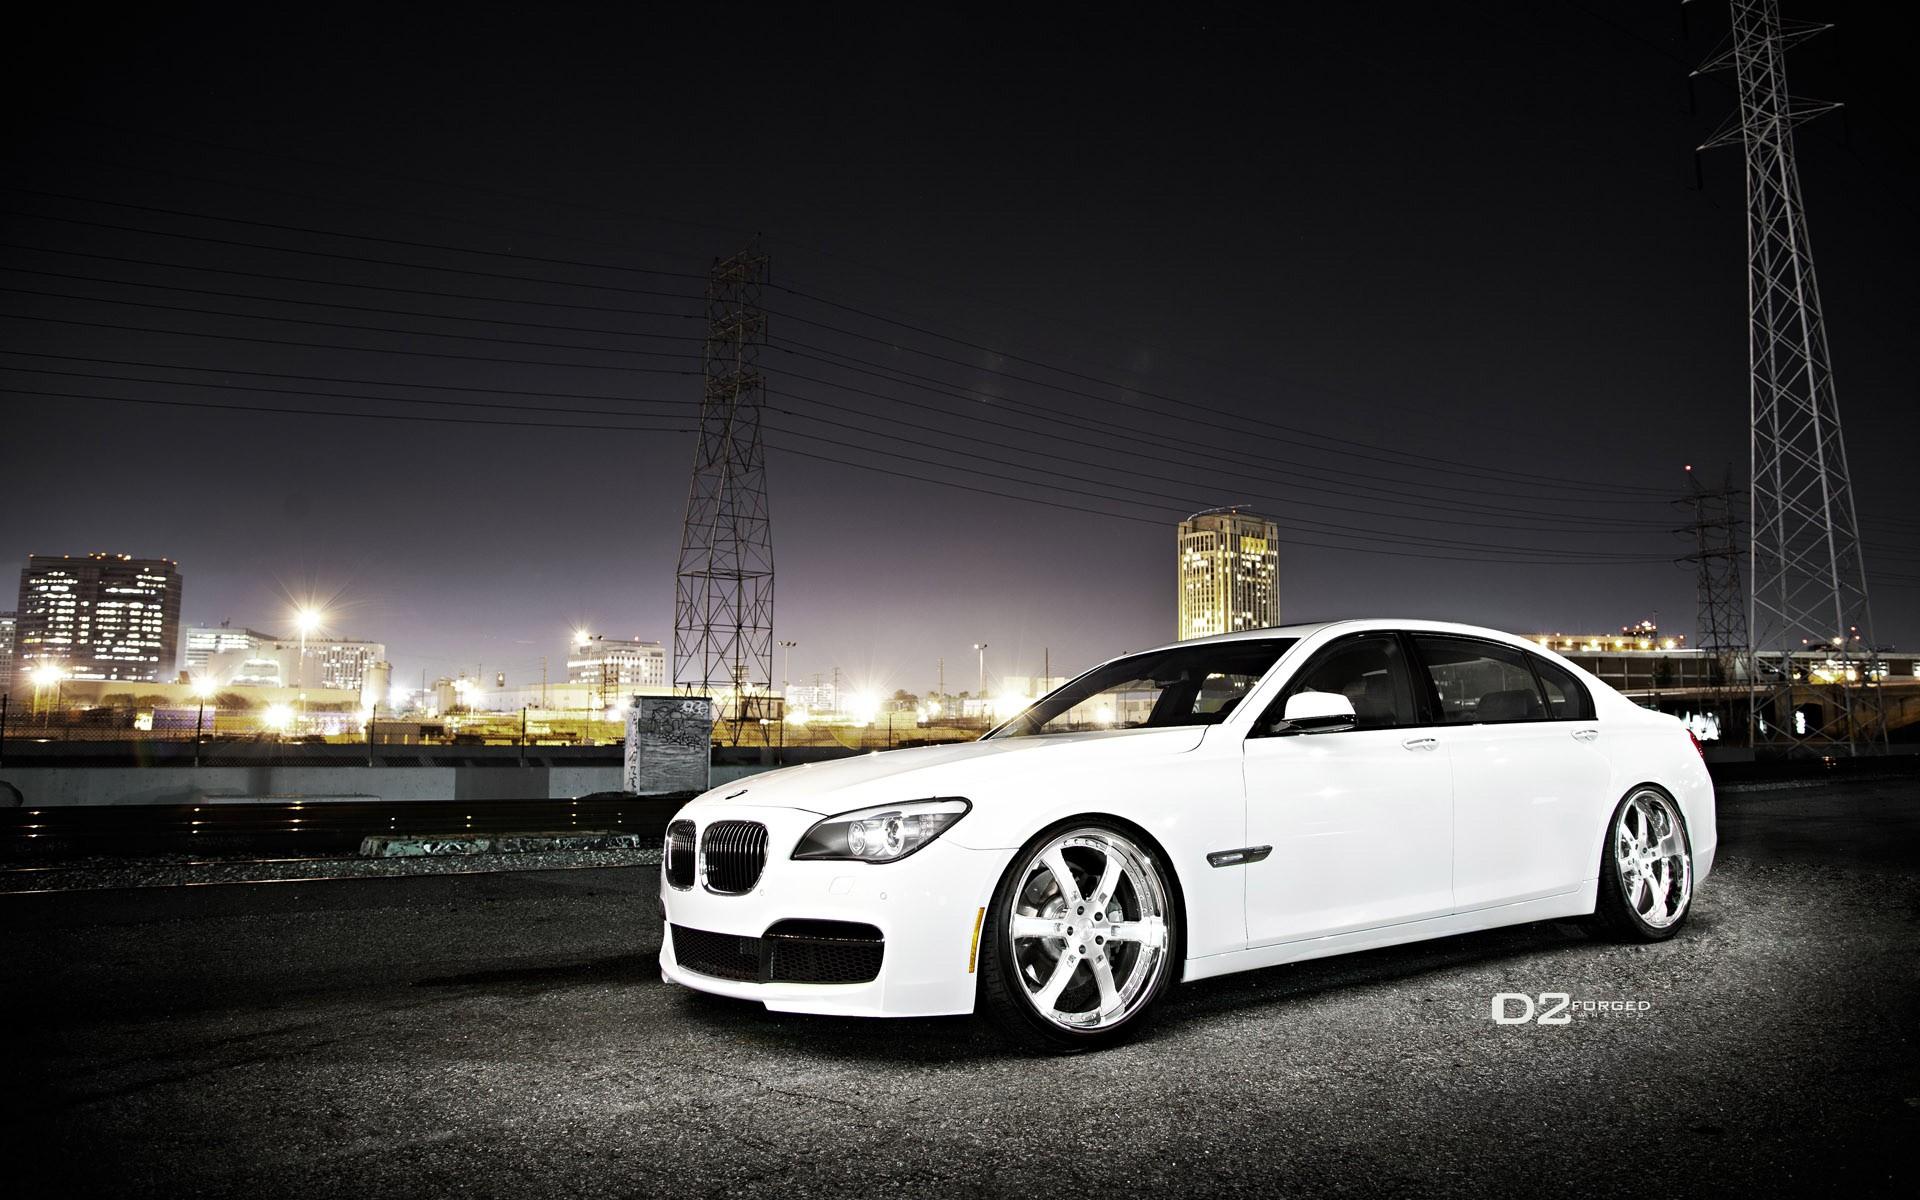 2012 BMW 750Li >> BMW 750LI D2FORGED Wallpaper | HD Car Wallpapers | ID #2656